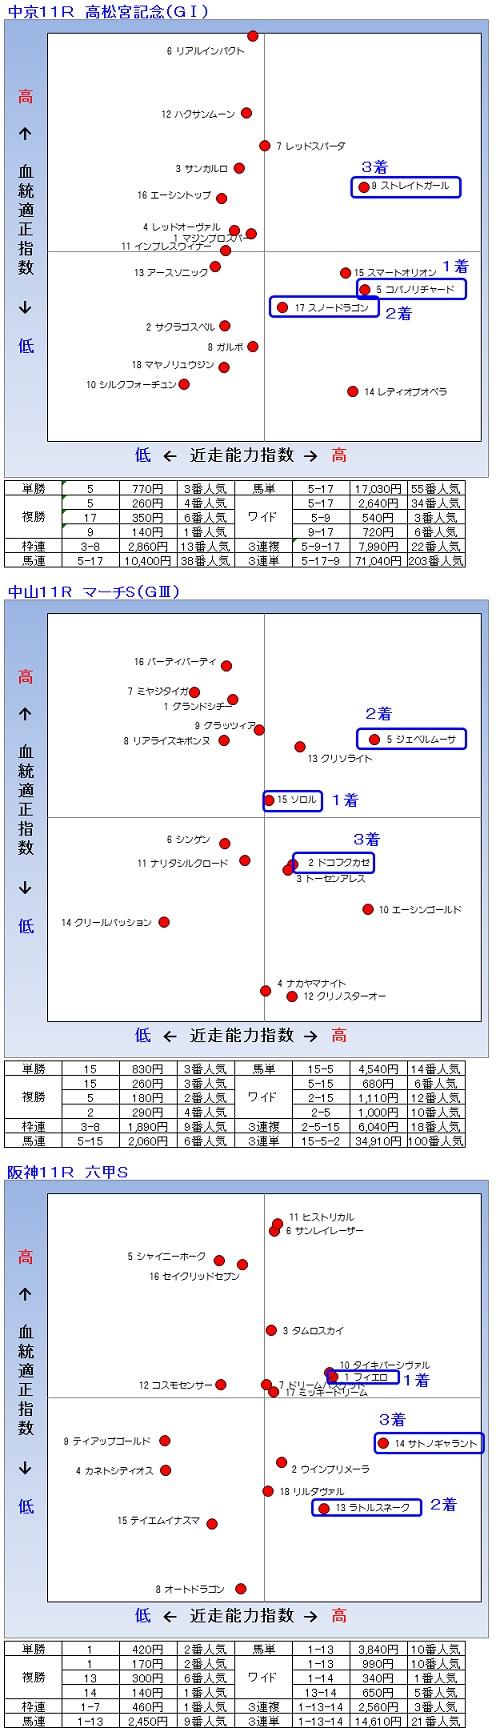 2014-03-30結果